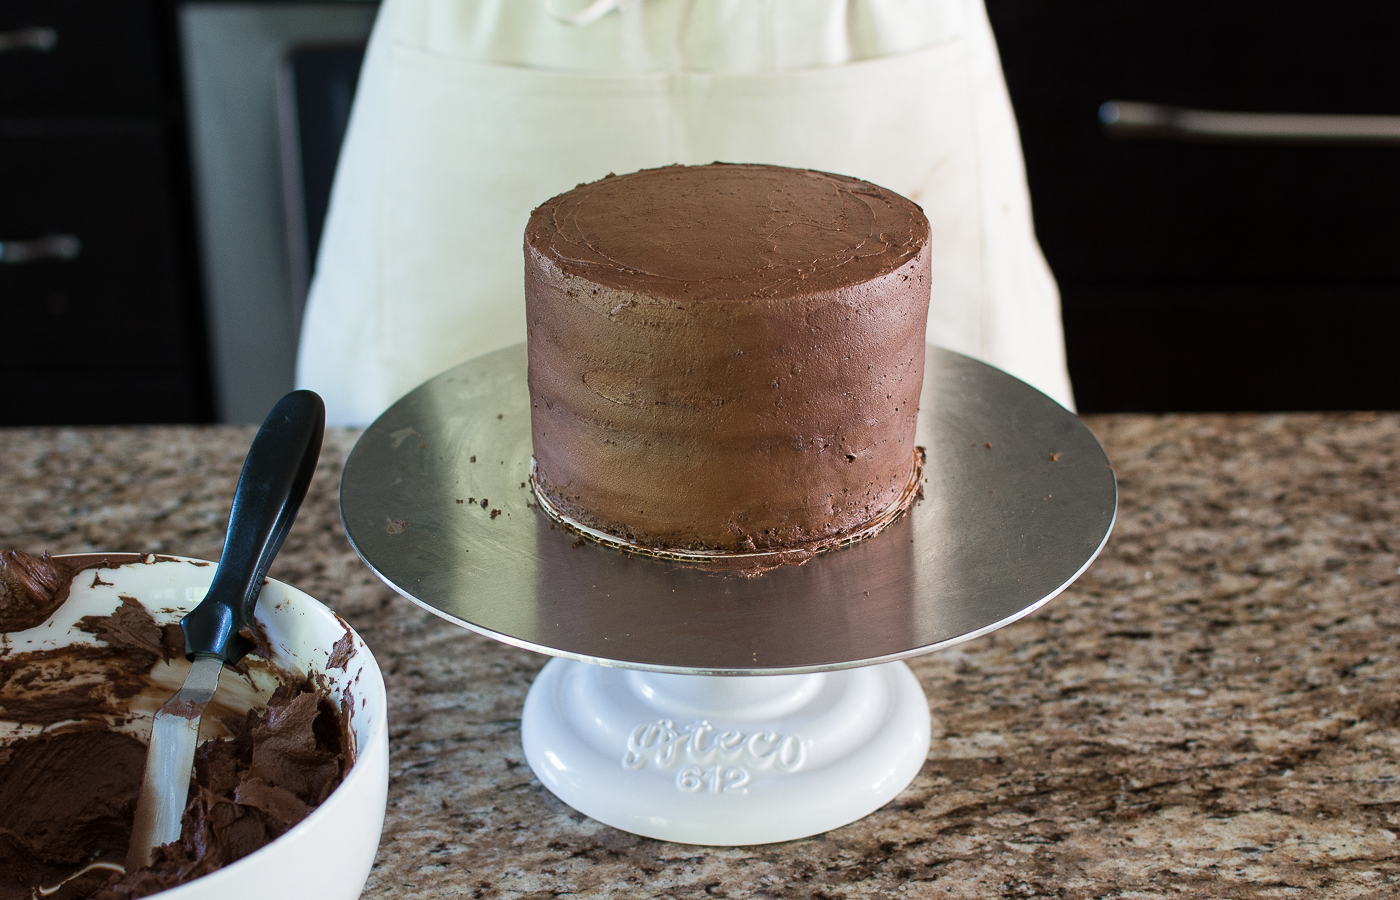 Prepare Cake & Crumb Coat